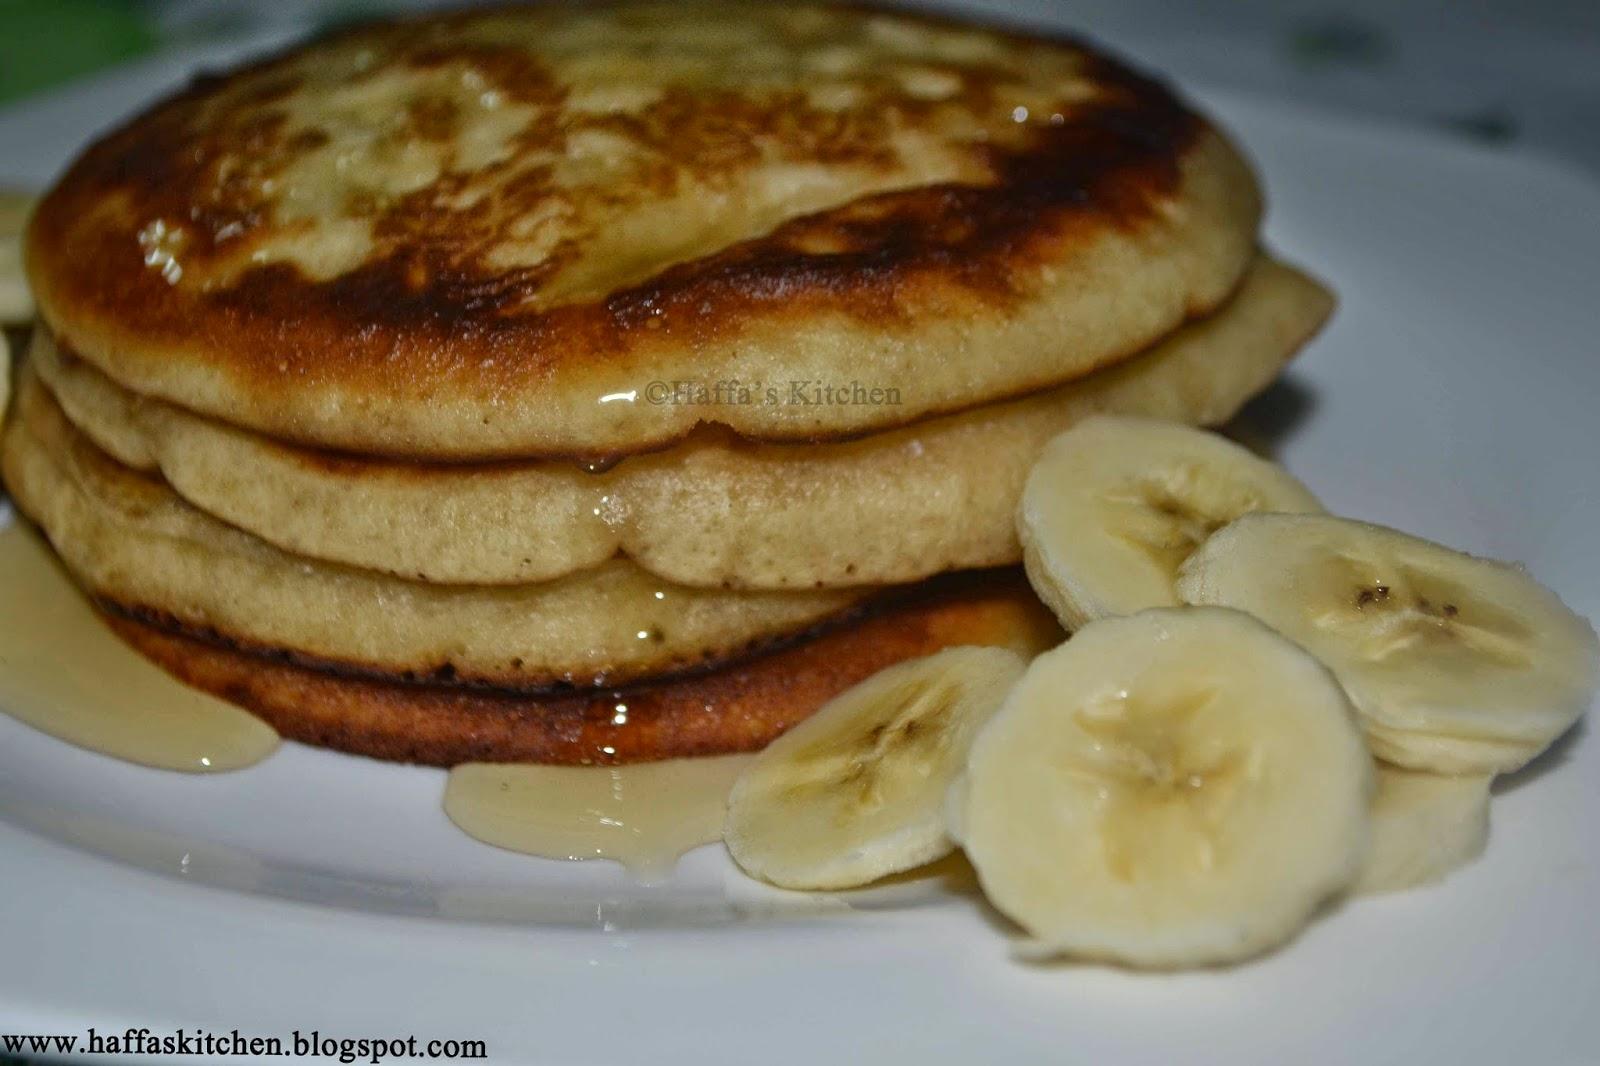 pancake recipes| best pancake recipe| simple pancake recipe| pancake mix recipe| pancake mix| pancake recipe| recipes for pancakes|